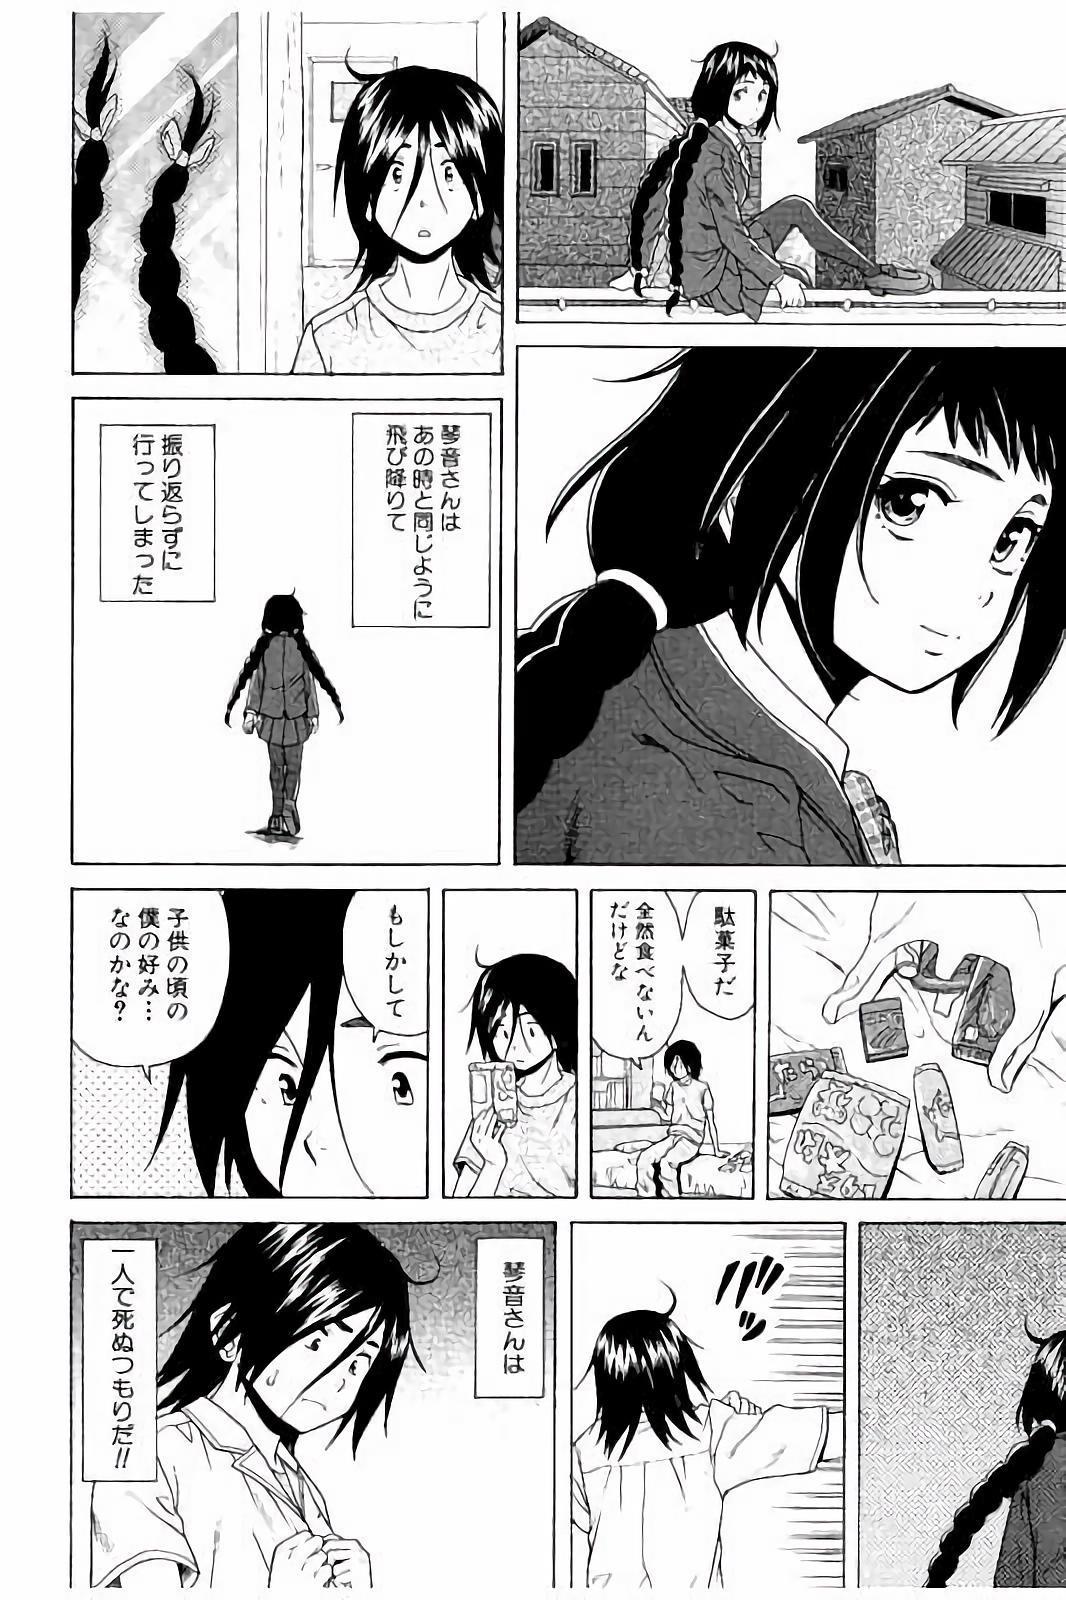 Ane no Himitsu To Boku no Jisatsu 125